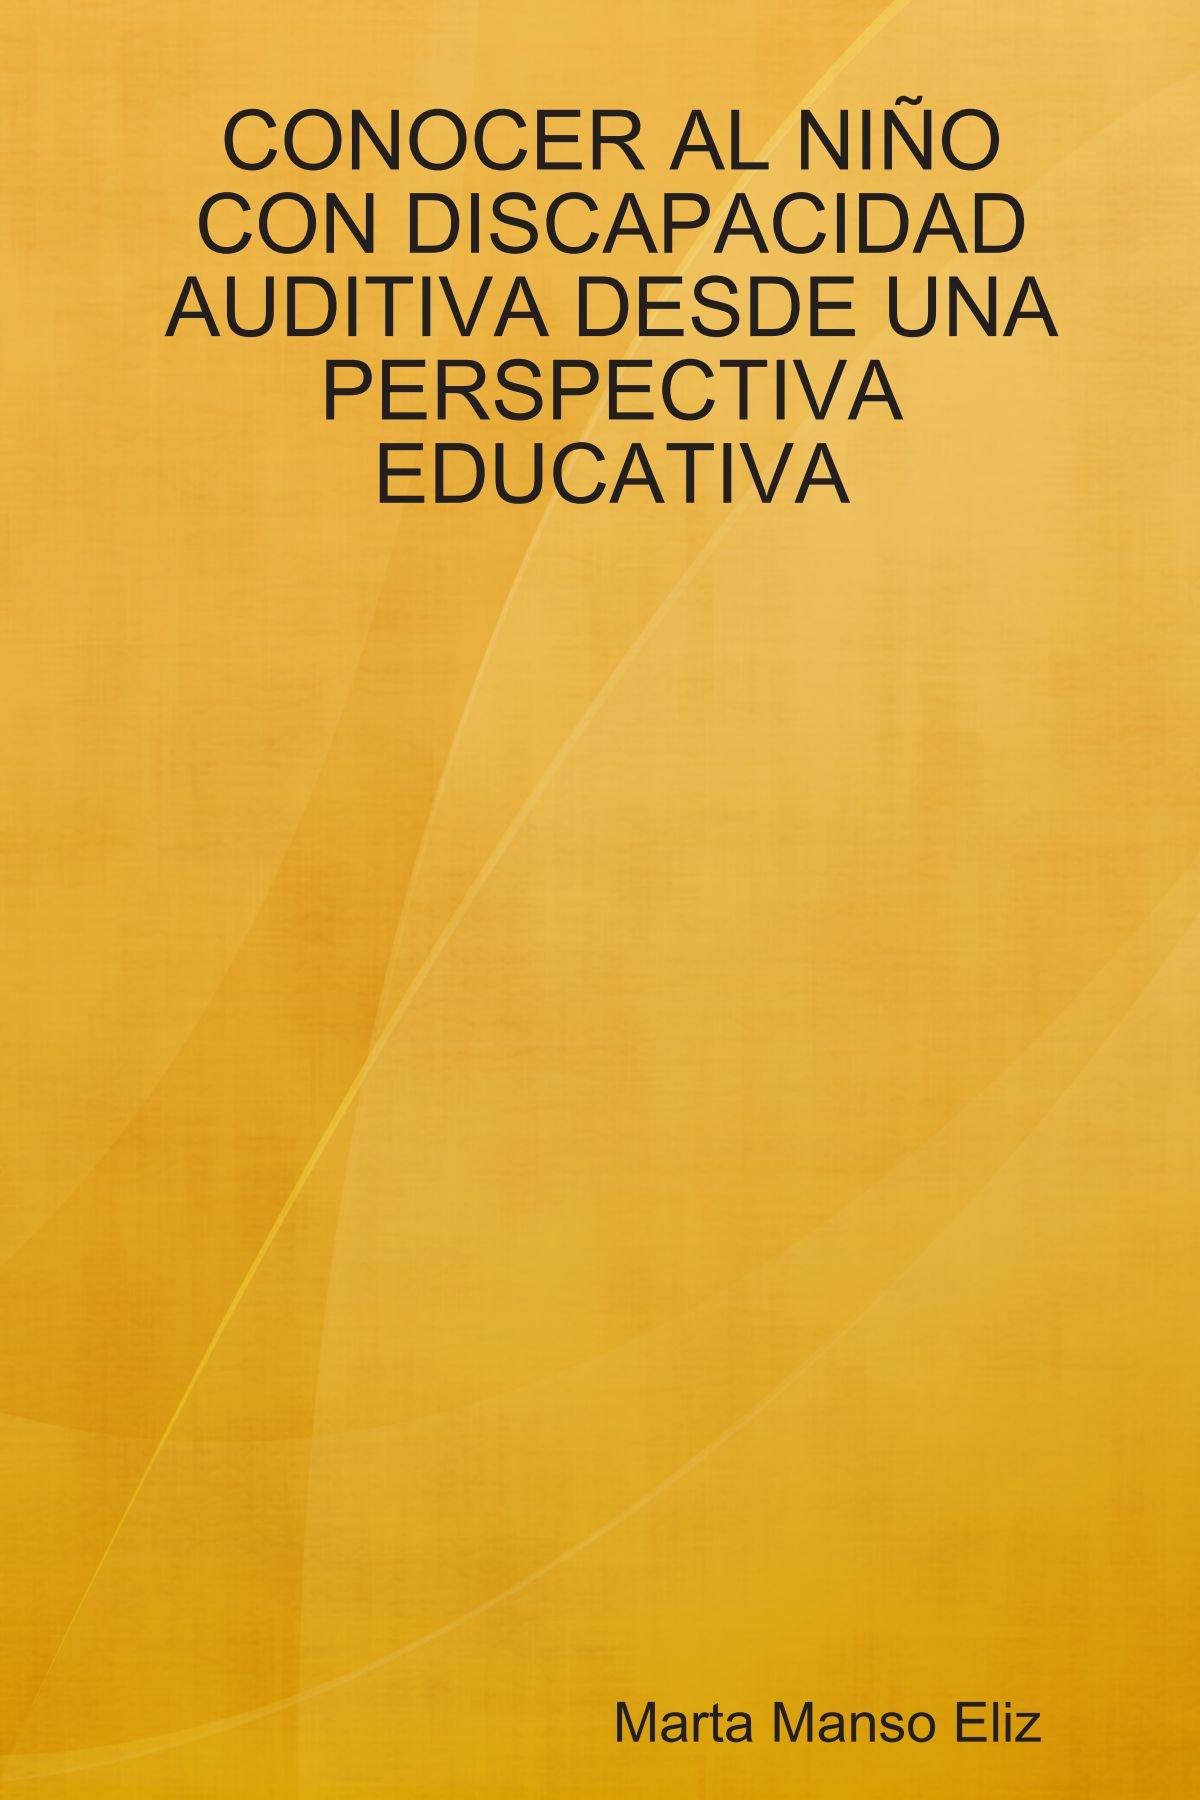 CONOCER AL NI¥O CON DISCAPACIDAD AUDITIVA DESDE UNA PERSPECTIVA EDUCATIVA (Spanish Edition) pdf epub